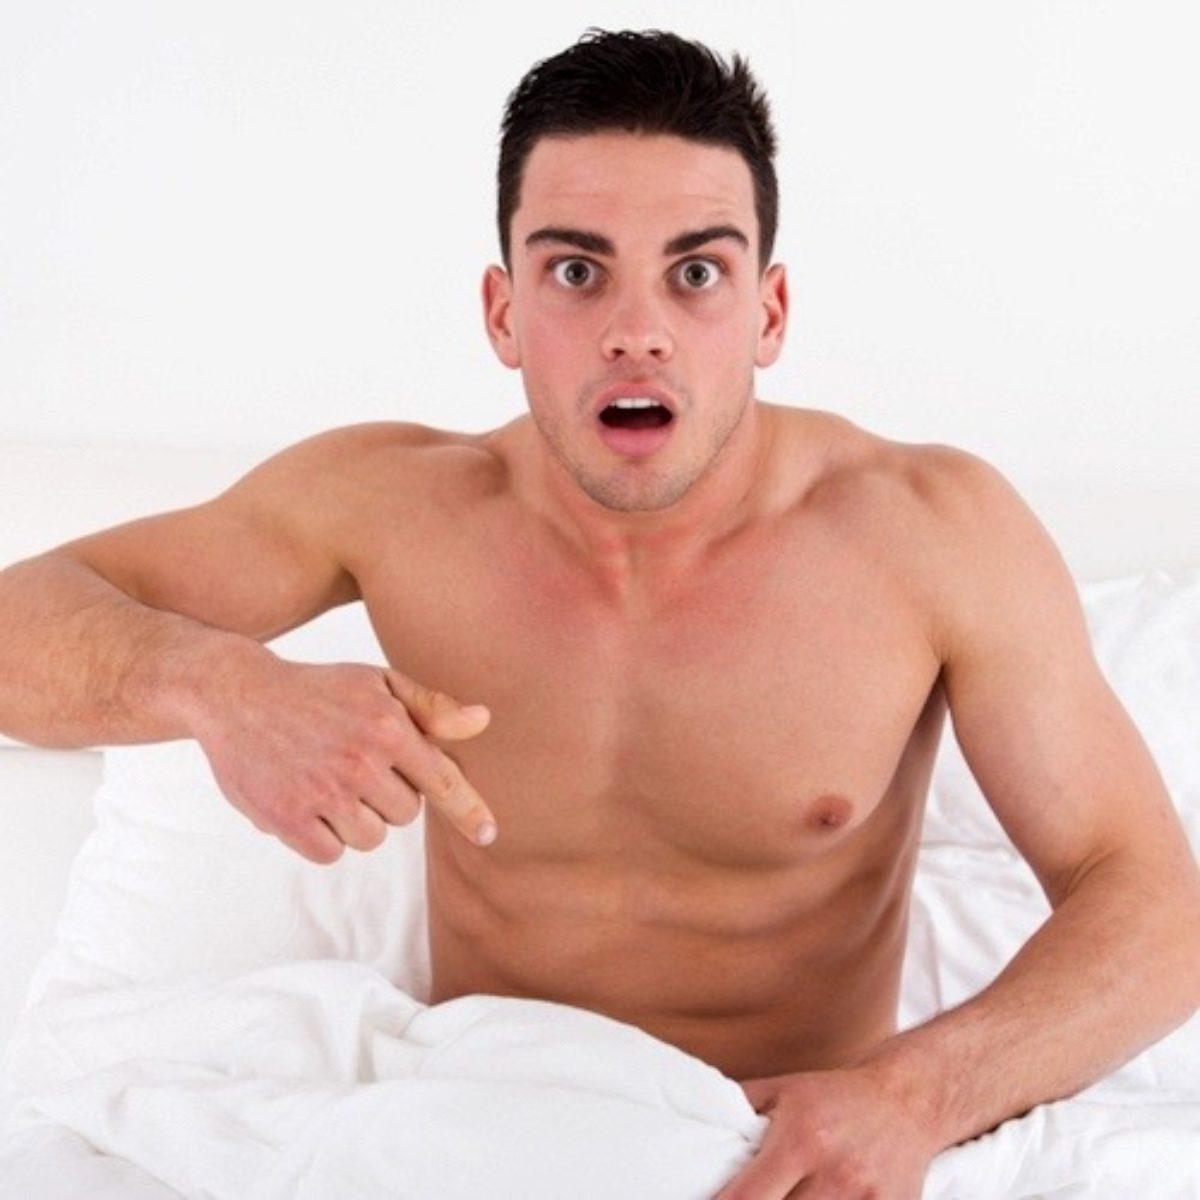 Músculo hombre desnudo gran polla